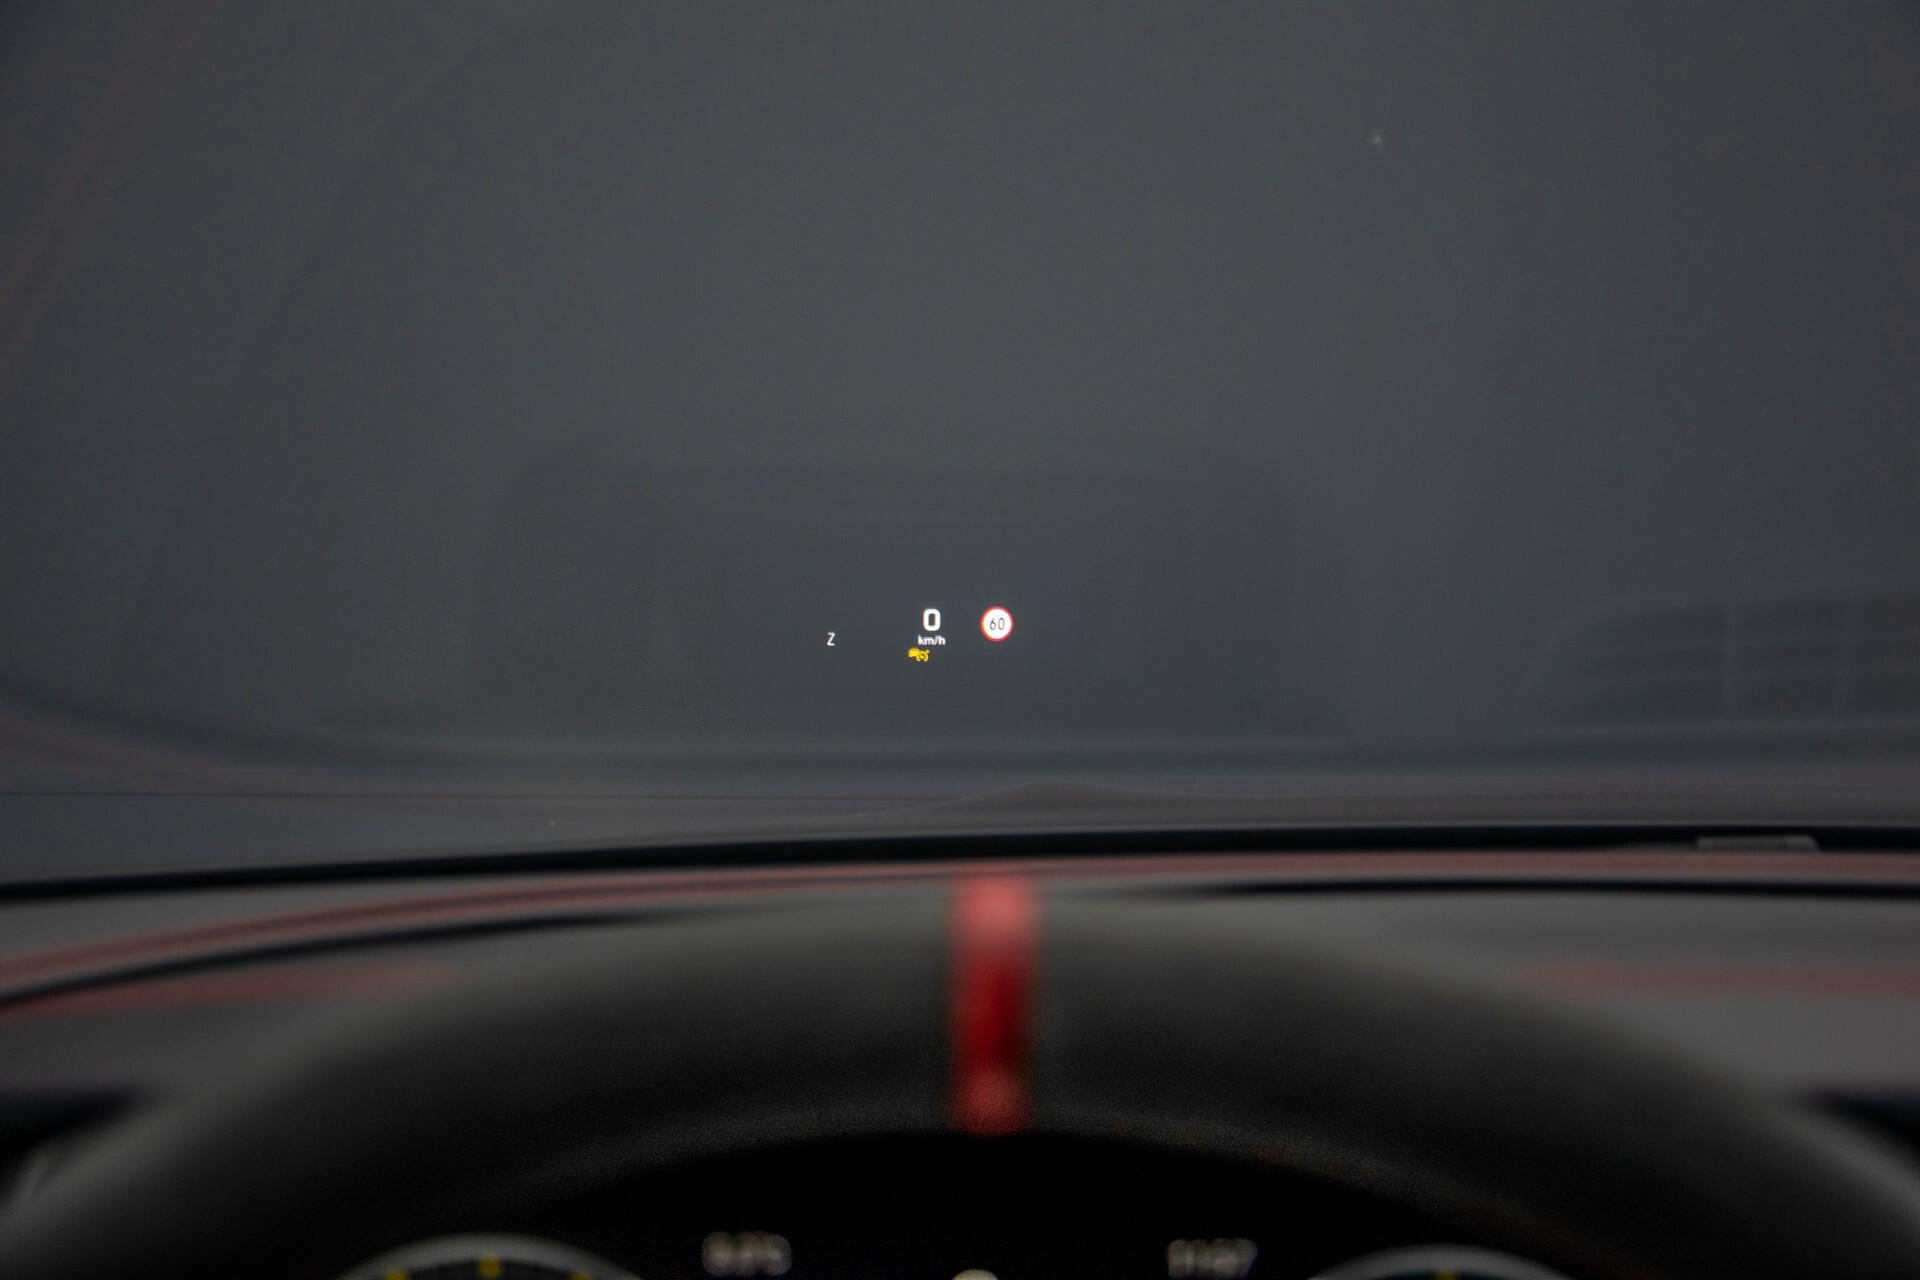 Mercedes-Benz AMG GT 4-Door Coupe 63 S 4M+ Keramisch/Full Carbon/Aerodynamica/Burmester 3D/TV/Performance stoelen/Standkachel Aut9 Foto 58